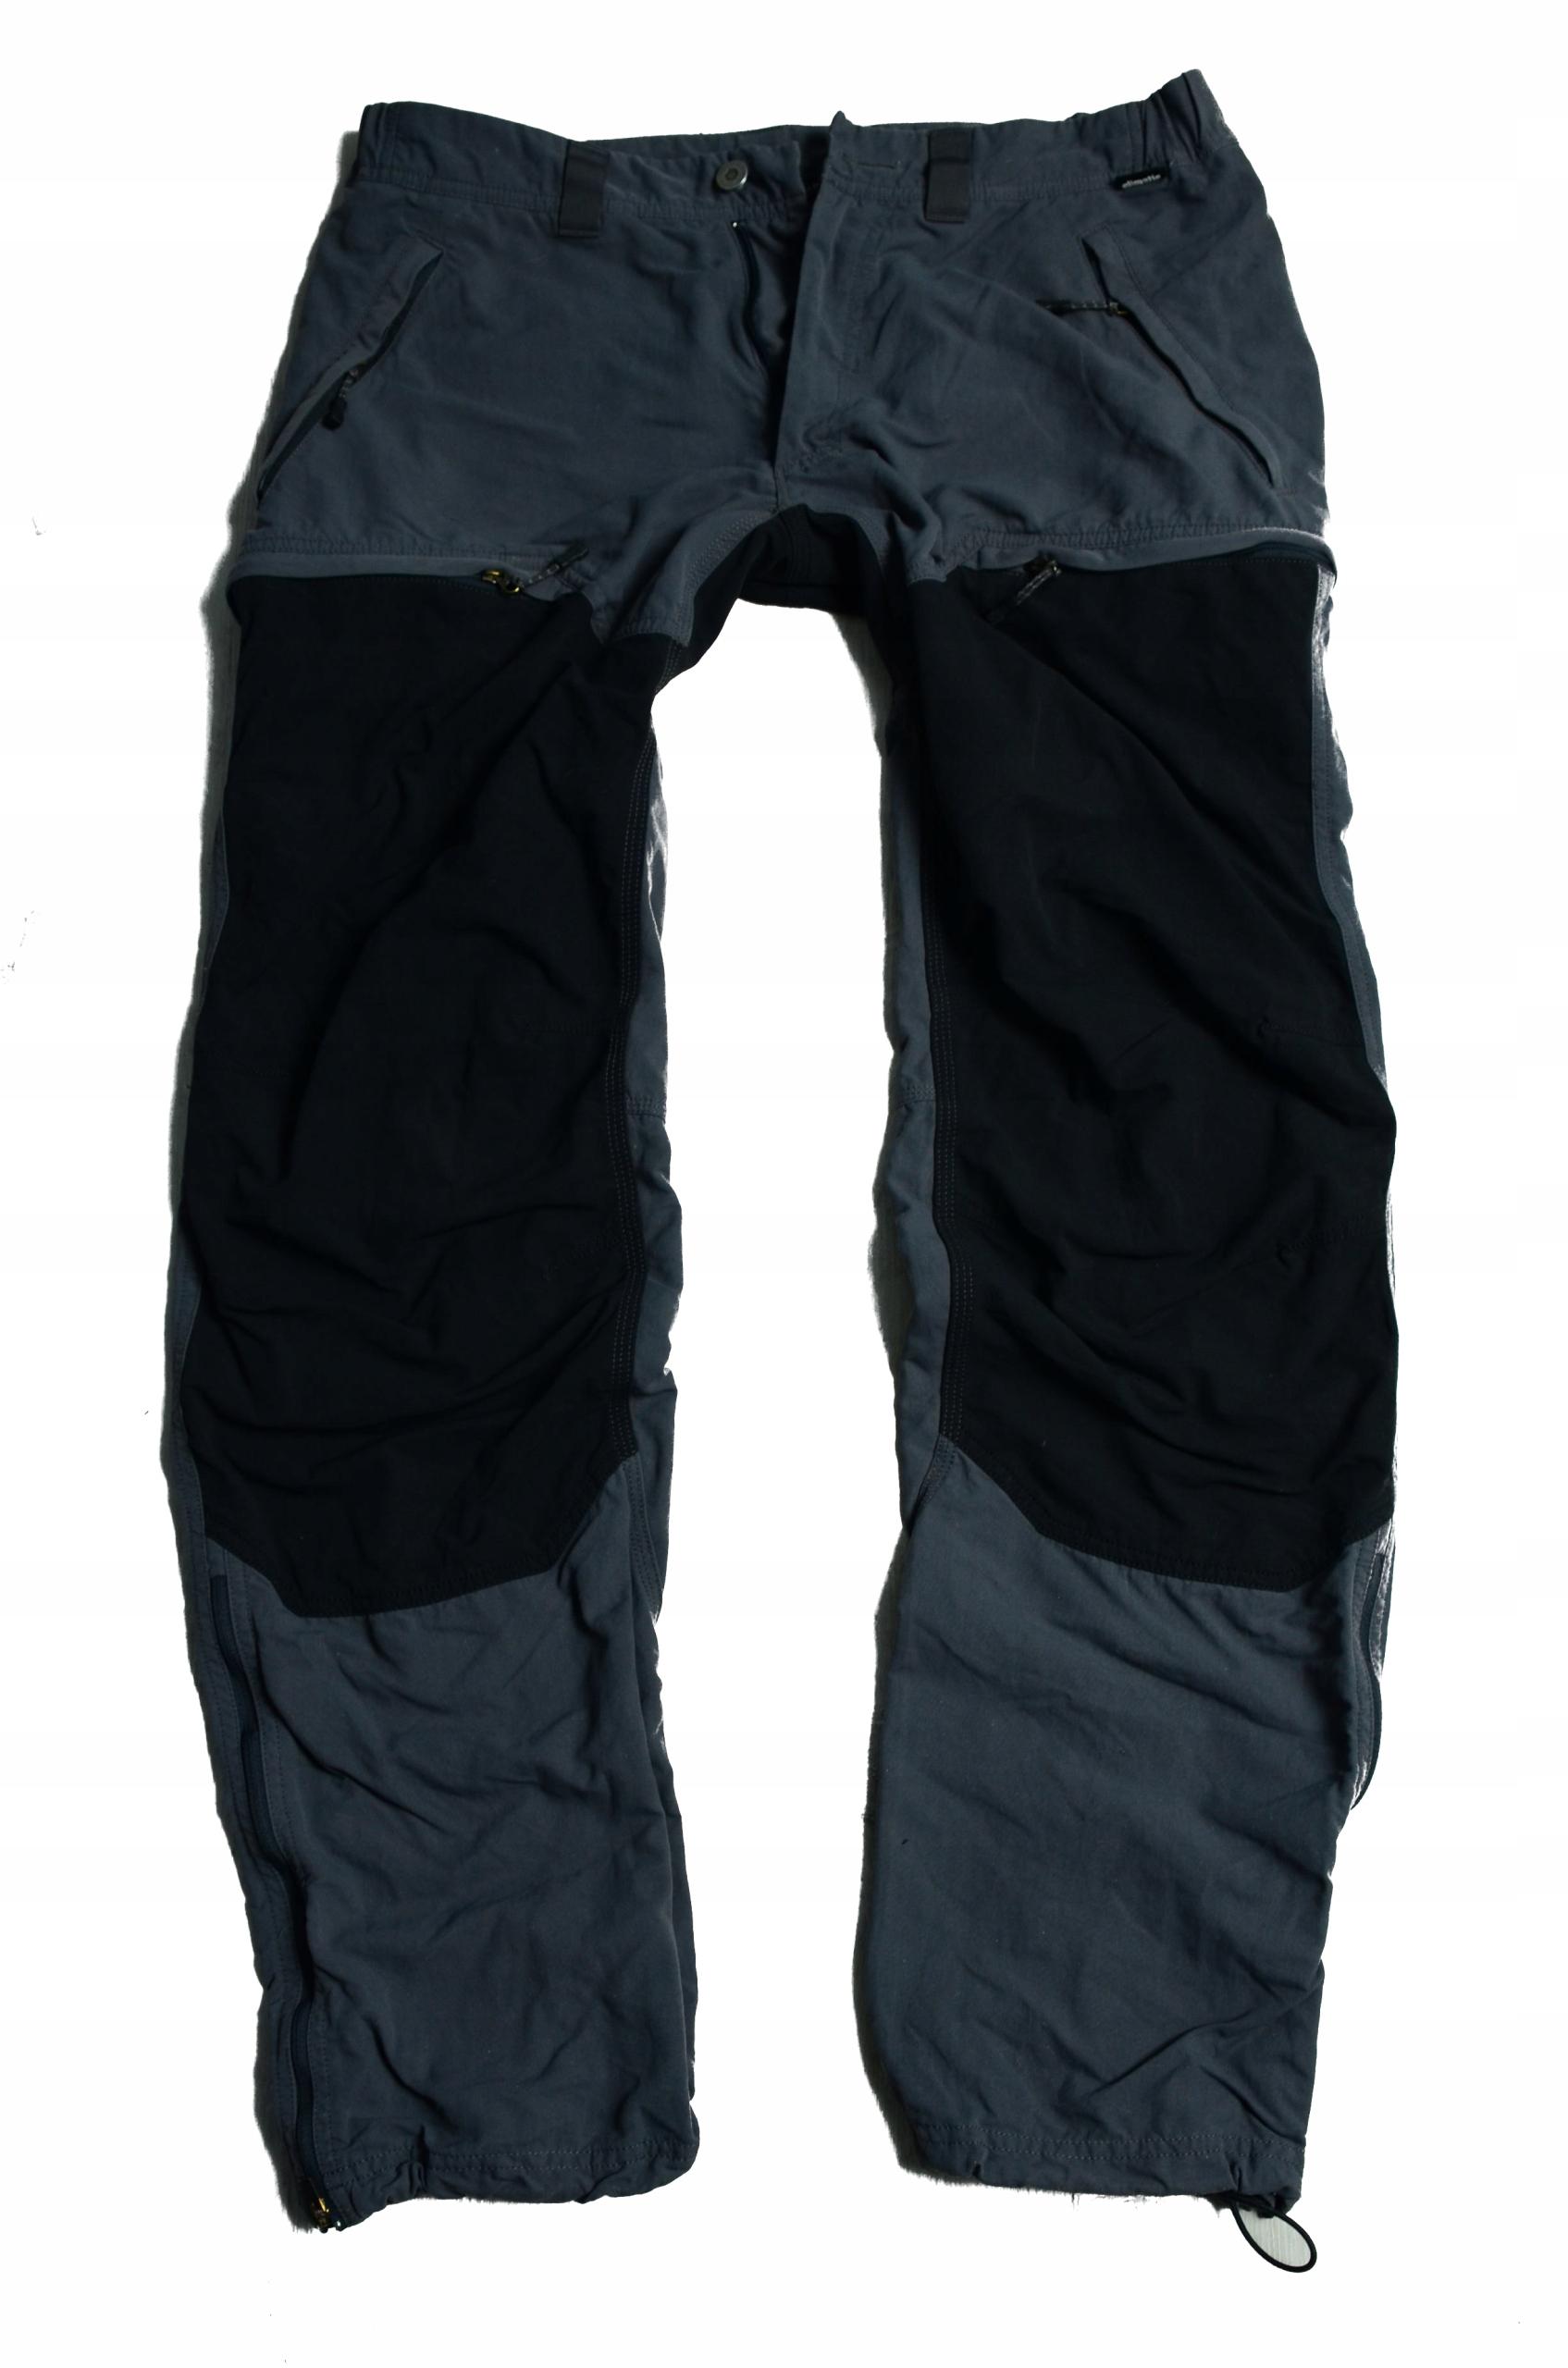 27364f63ca HAGLOFS CLIMATIC spodnie męskie turystyczne roz L - 7697266792 ...